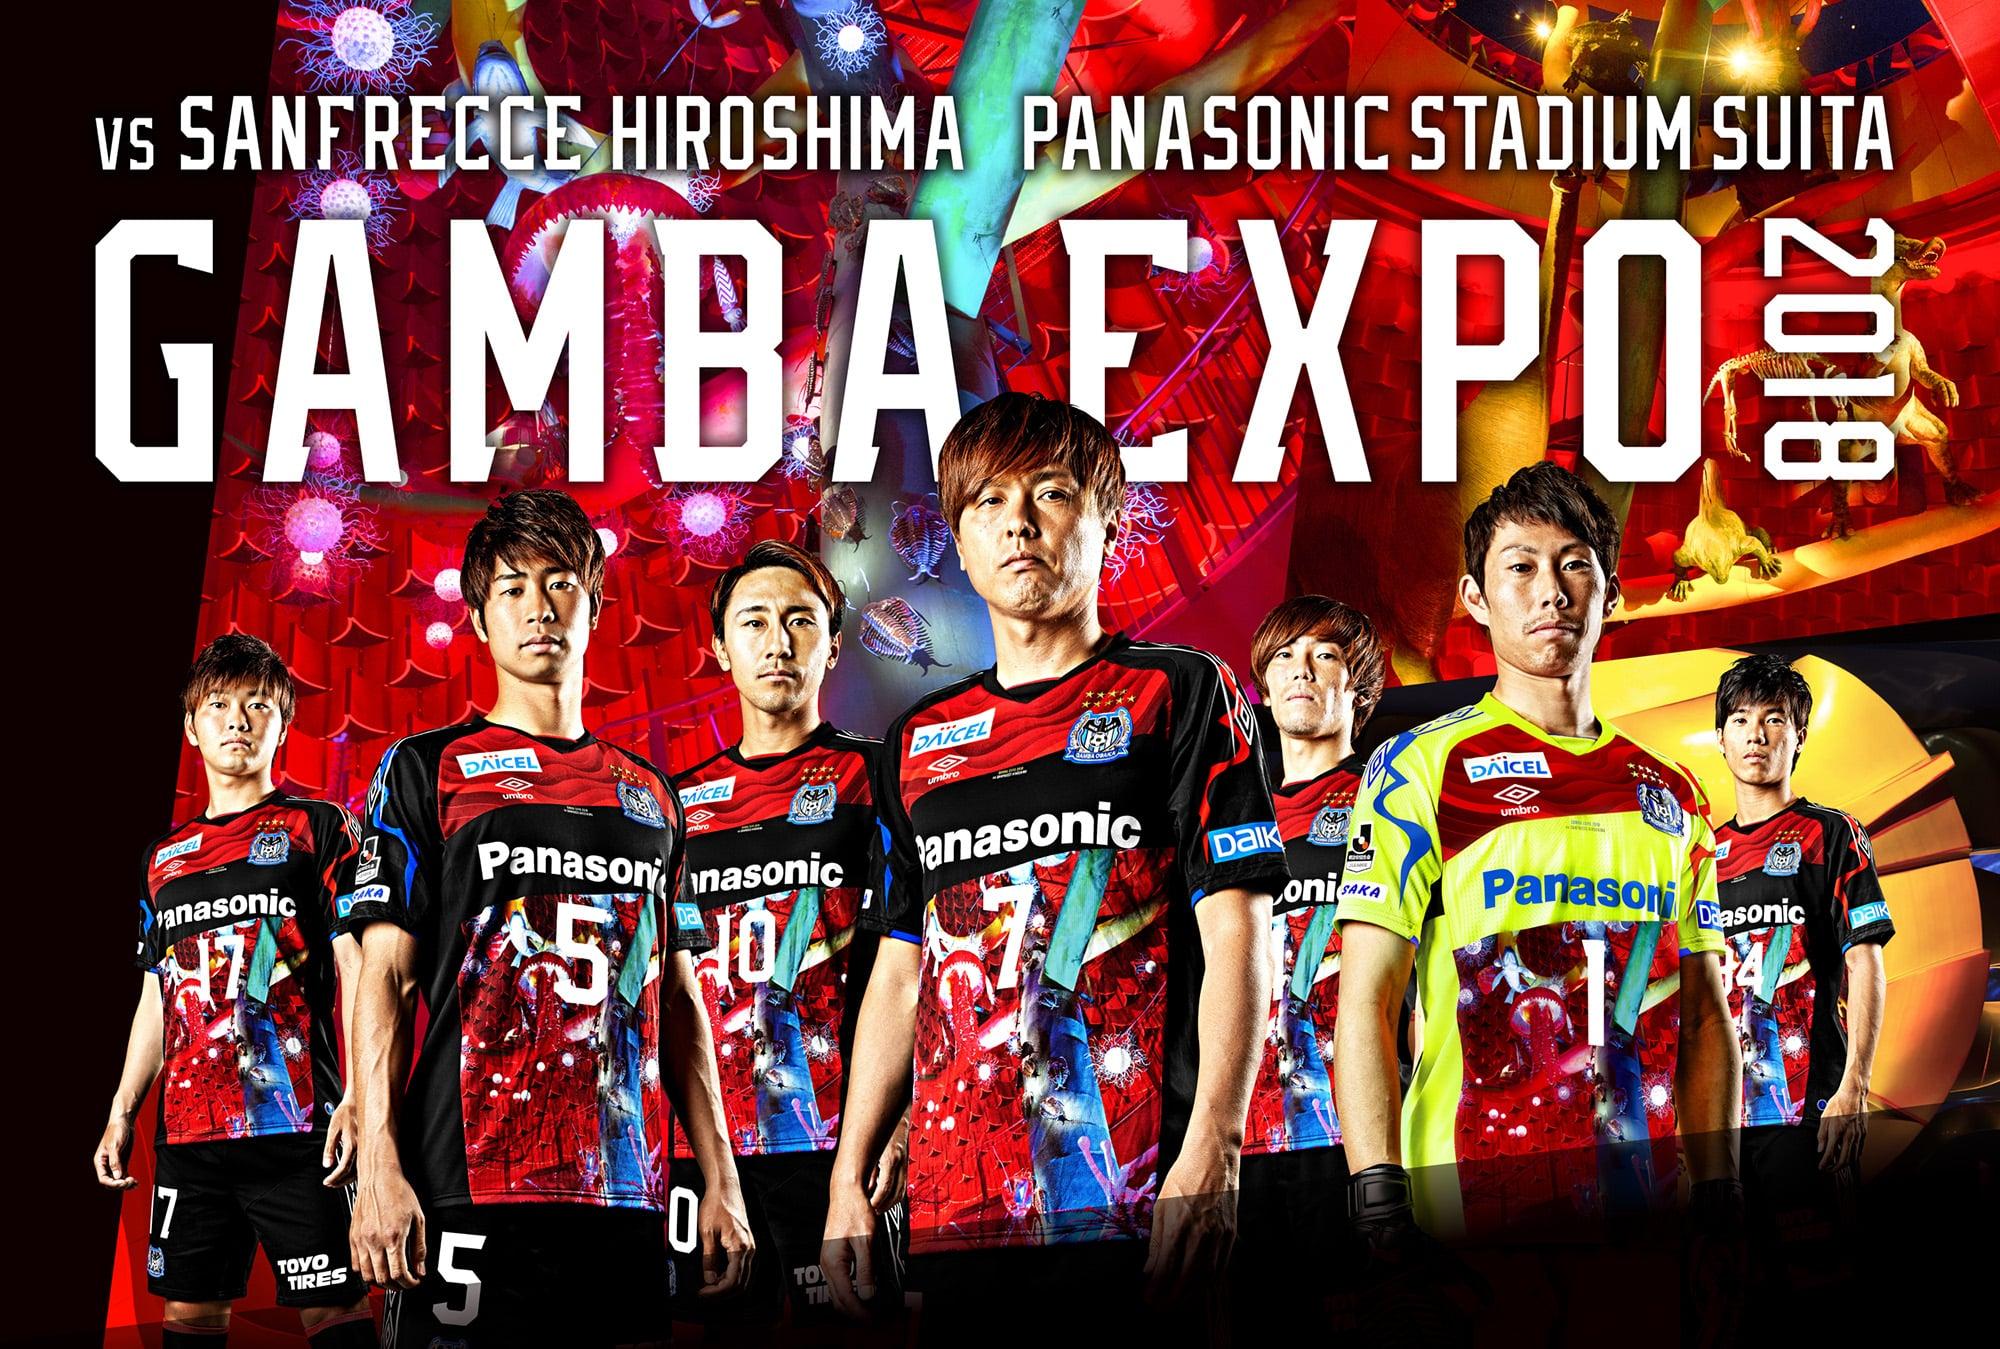 gamba-expo2018main2000x1349.jpg